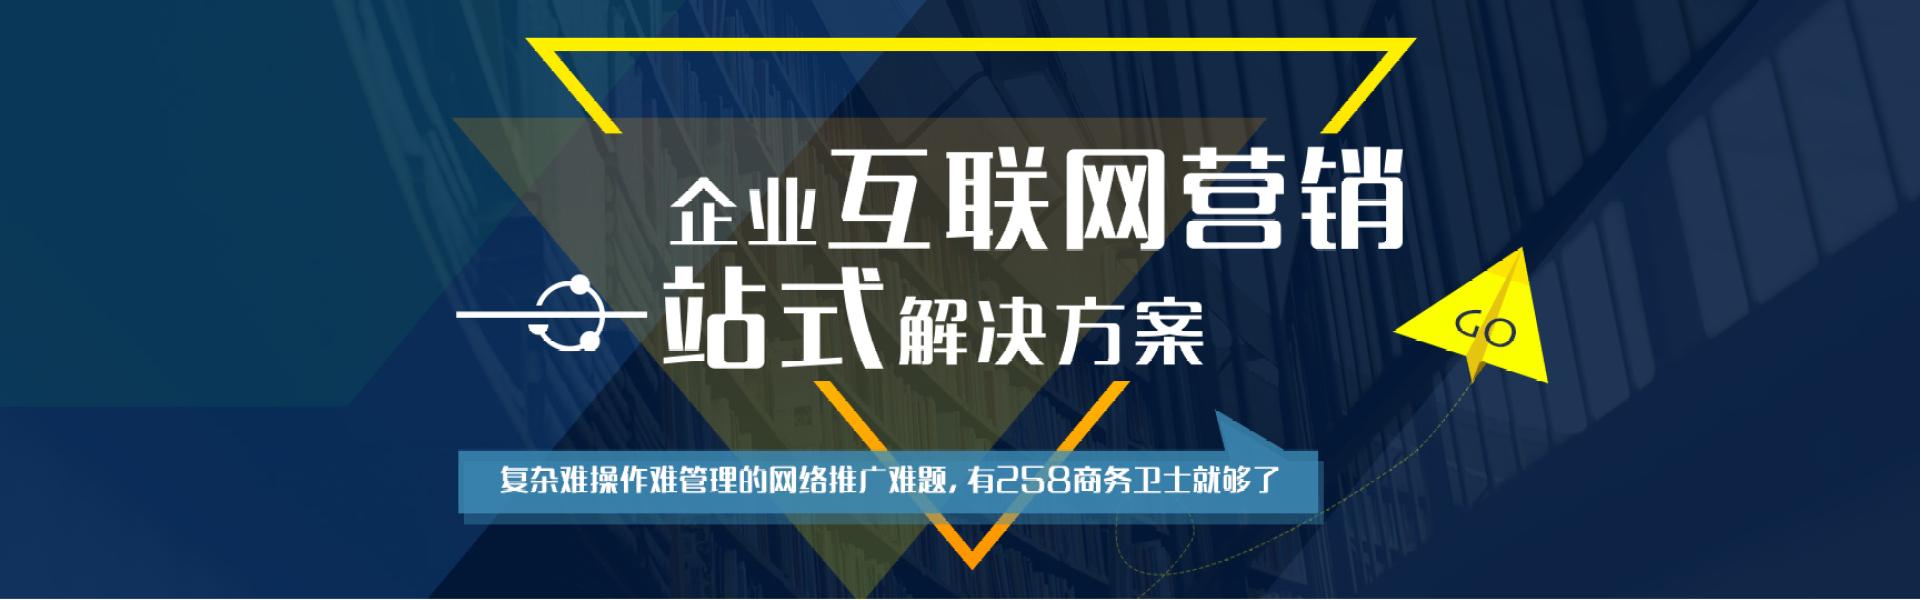 武汉网络营销,武汉网络推广,武汉百度优化,武汉网络优化